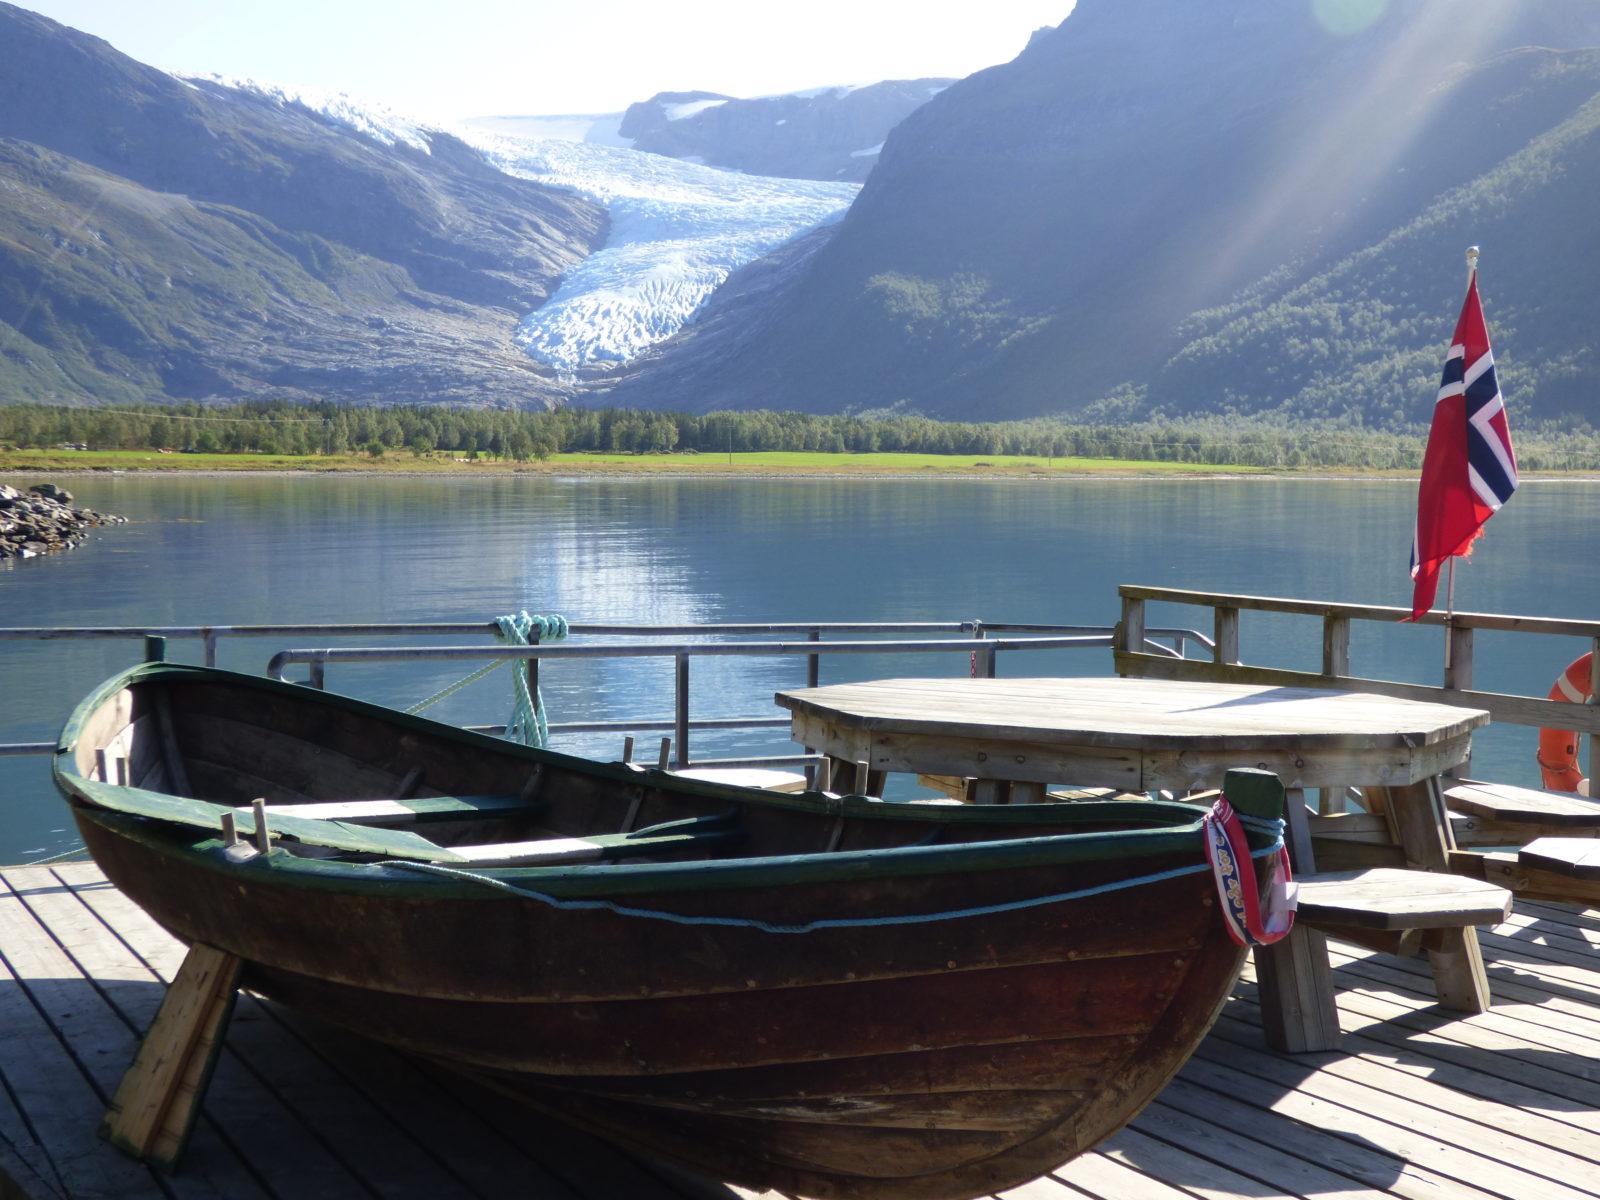 Pause en face du glacier au nord de l'Helgeland. Photo : Nord Espaces